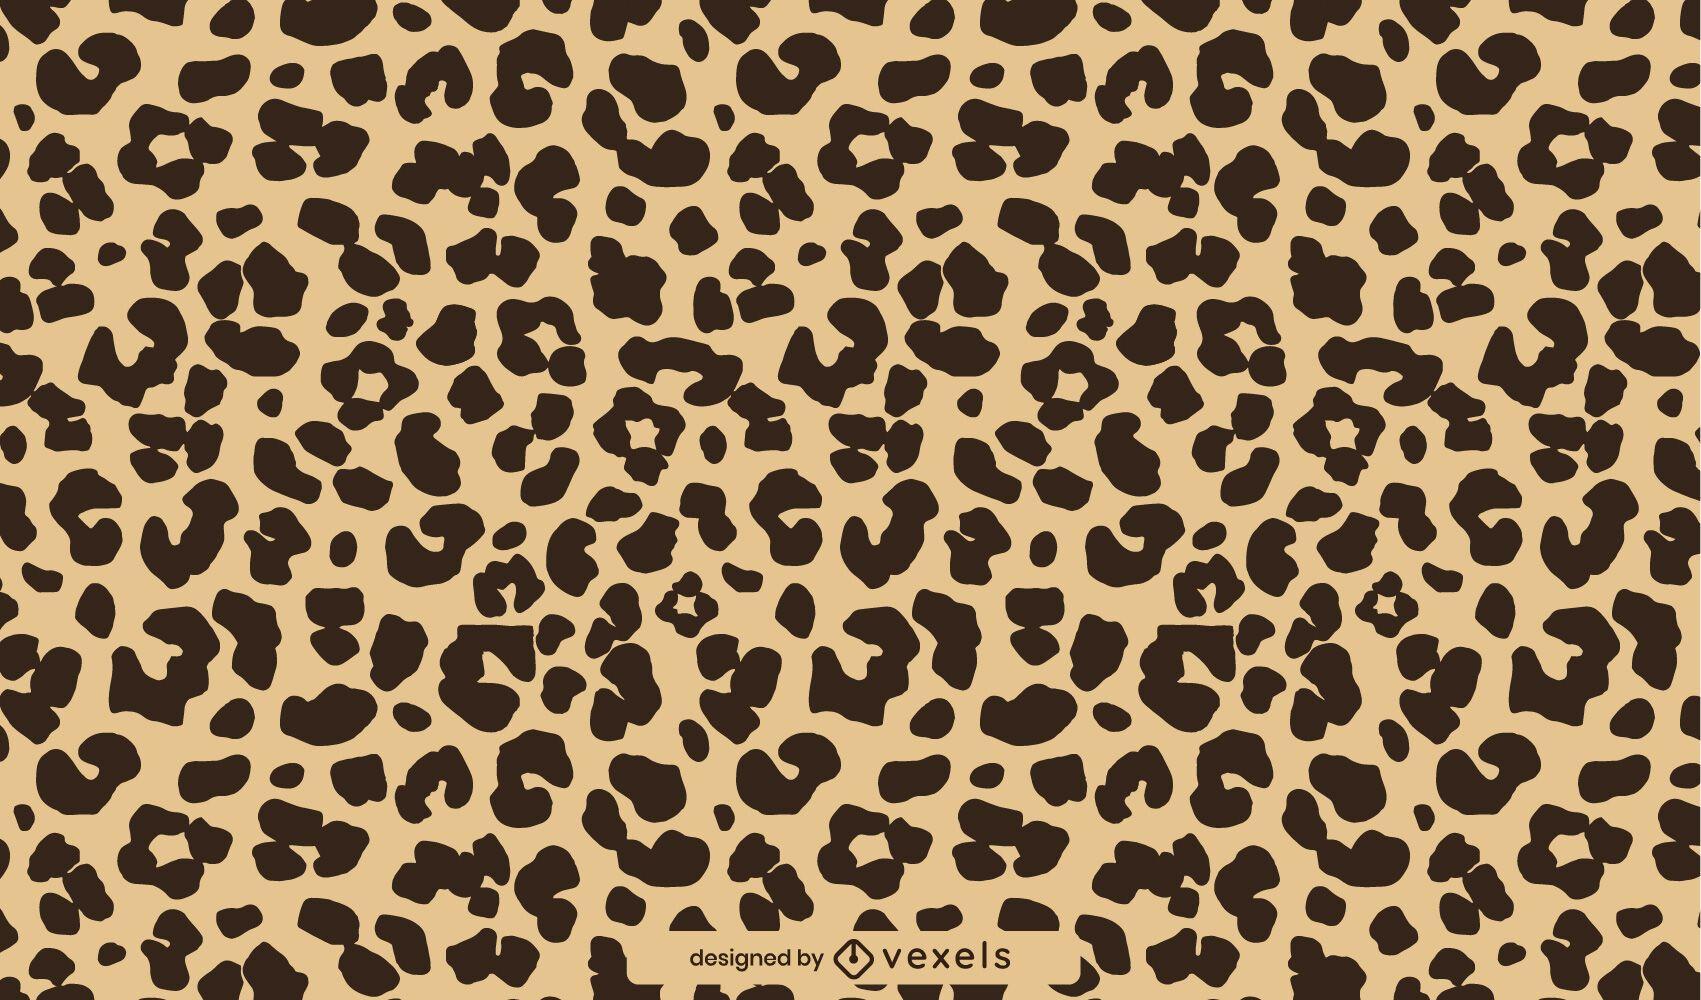 Flat cheetah animal print pattern